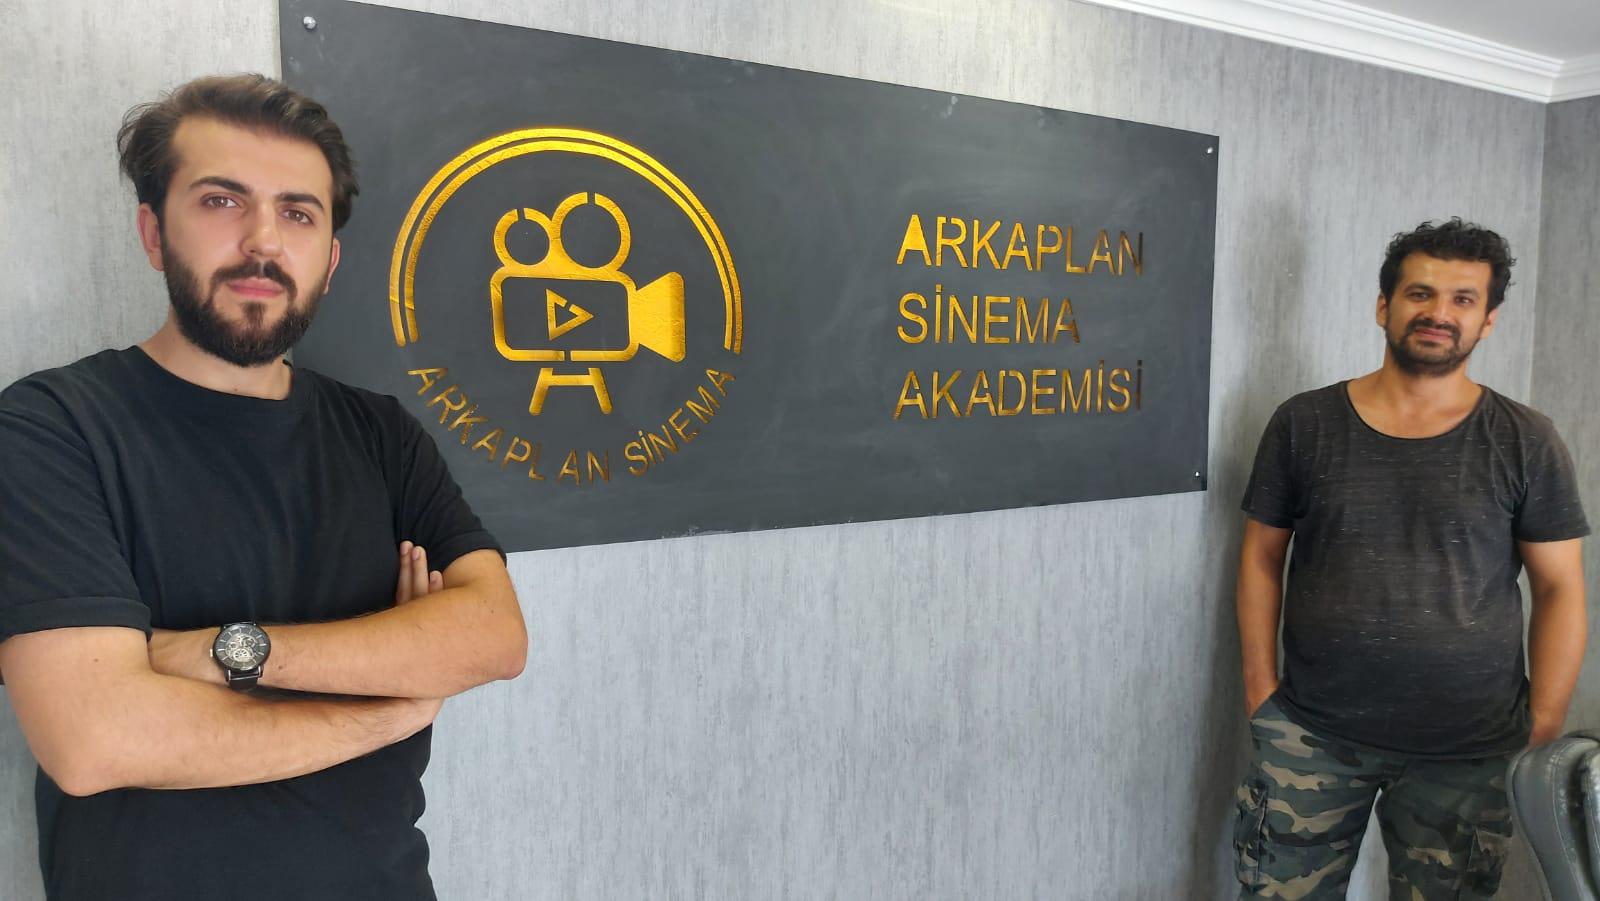 İbrahim Ağır ve Onur Demirel, Arkaplan Sinema Akademisiyle işletmelerin marka yüzü oluyor